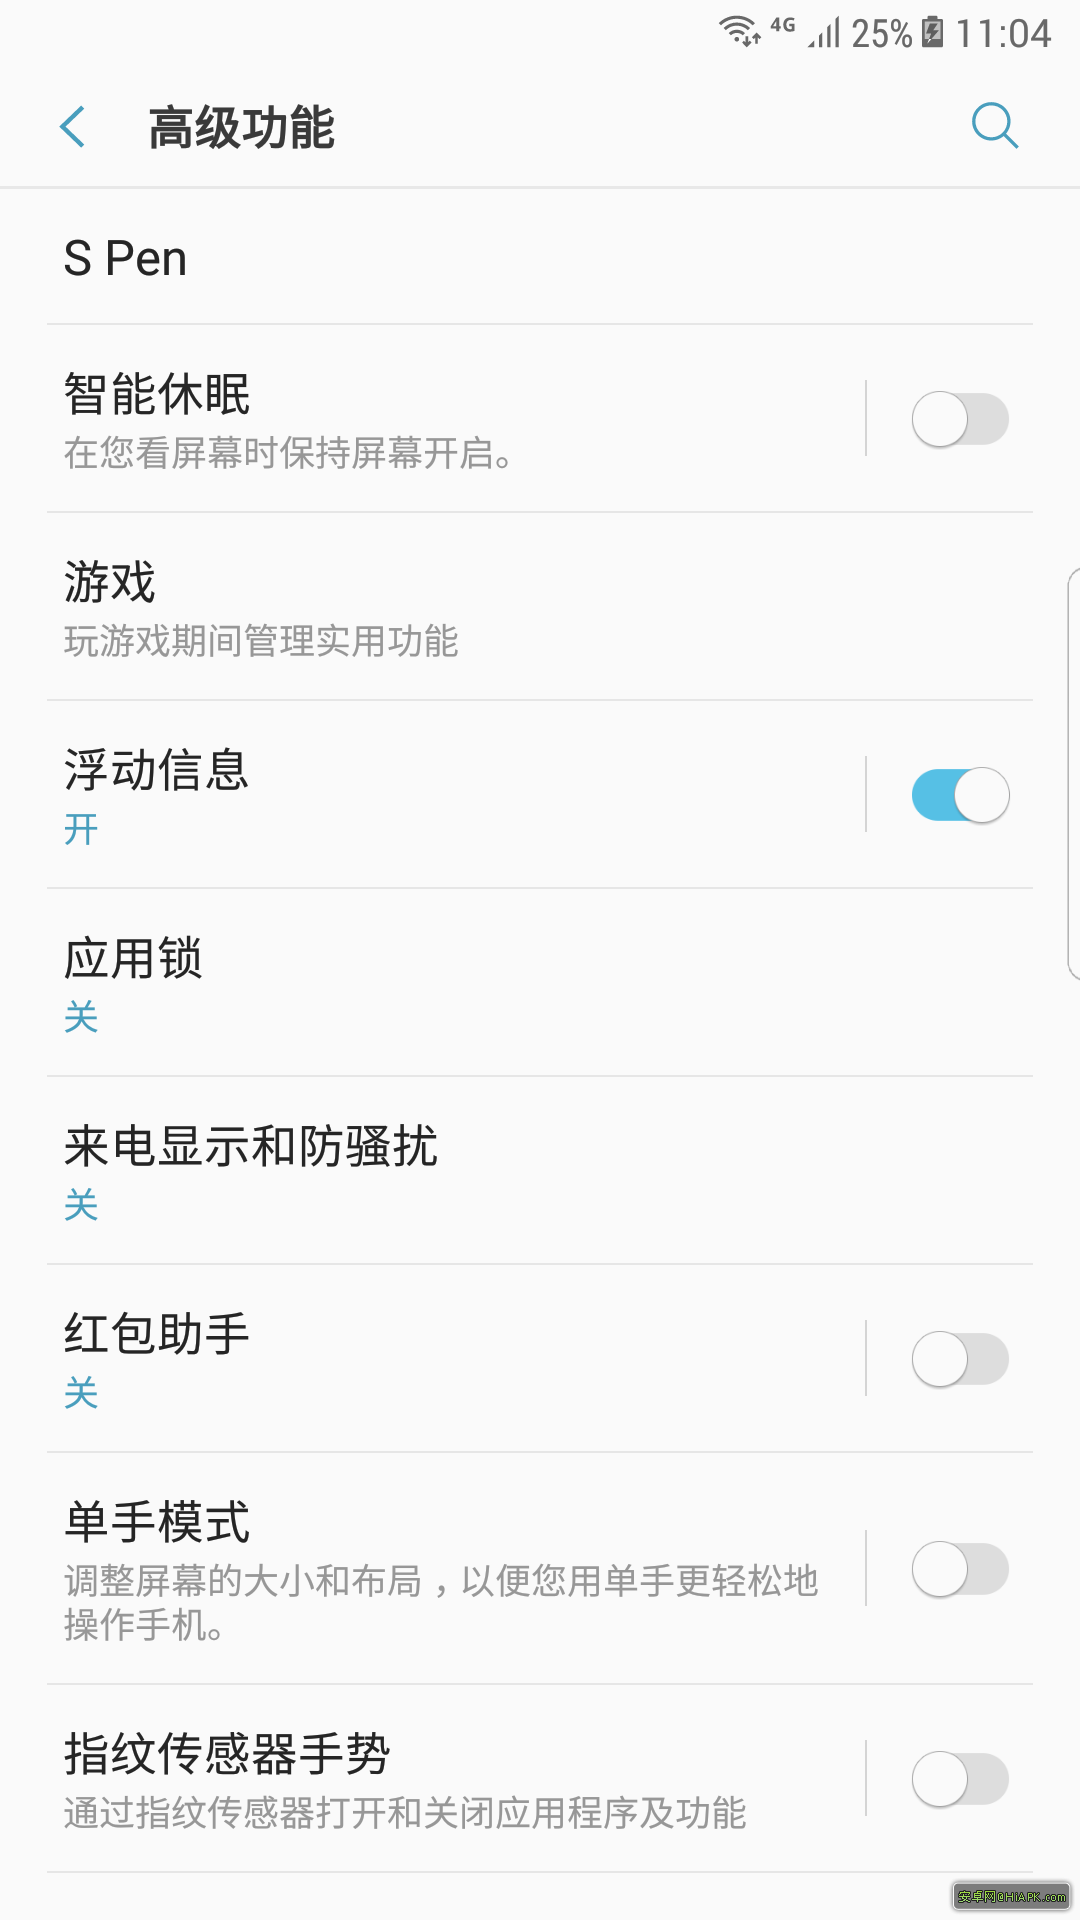 三星S6 edge+ G9280 Android 7.0固件 v2.0 刷机包下载插图6